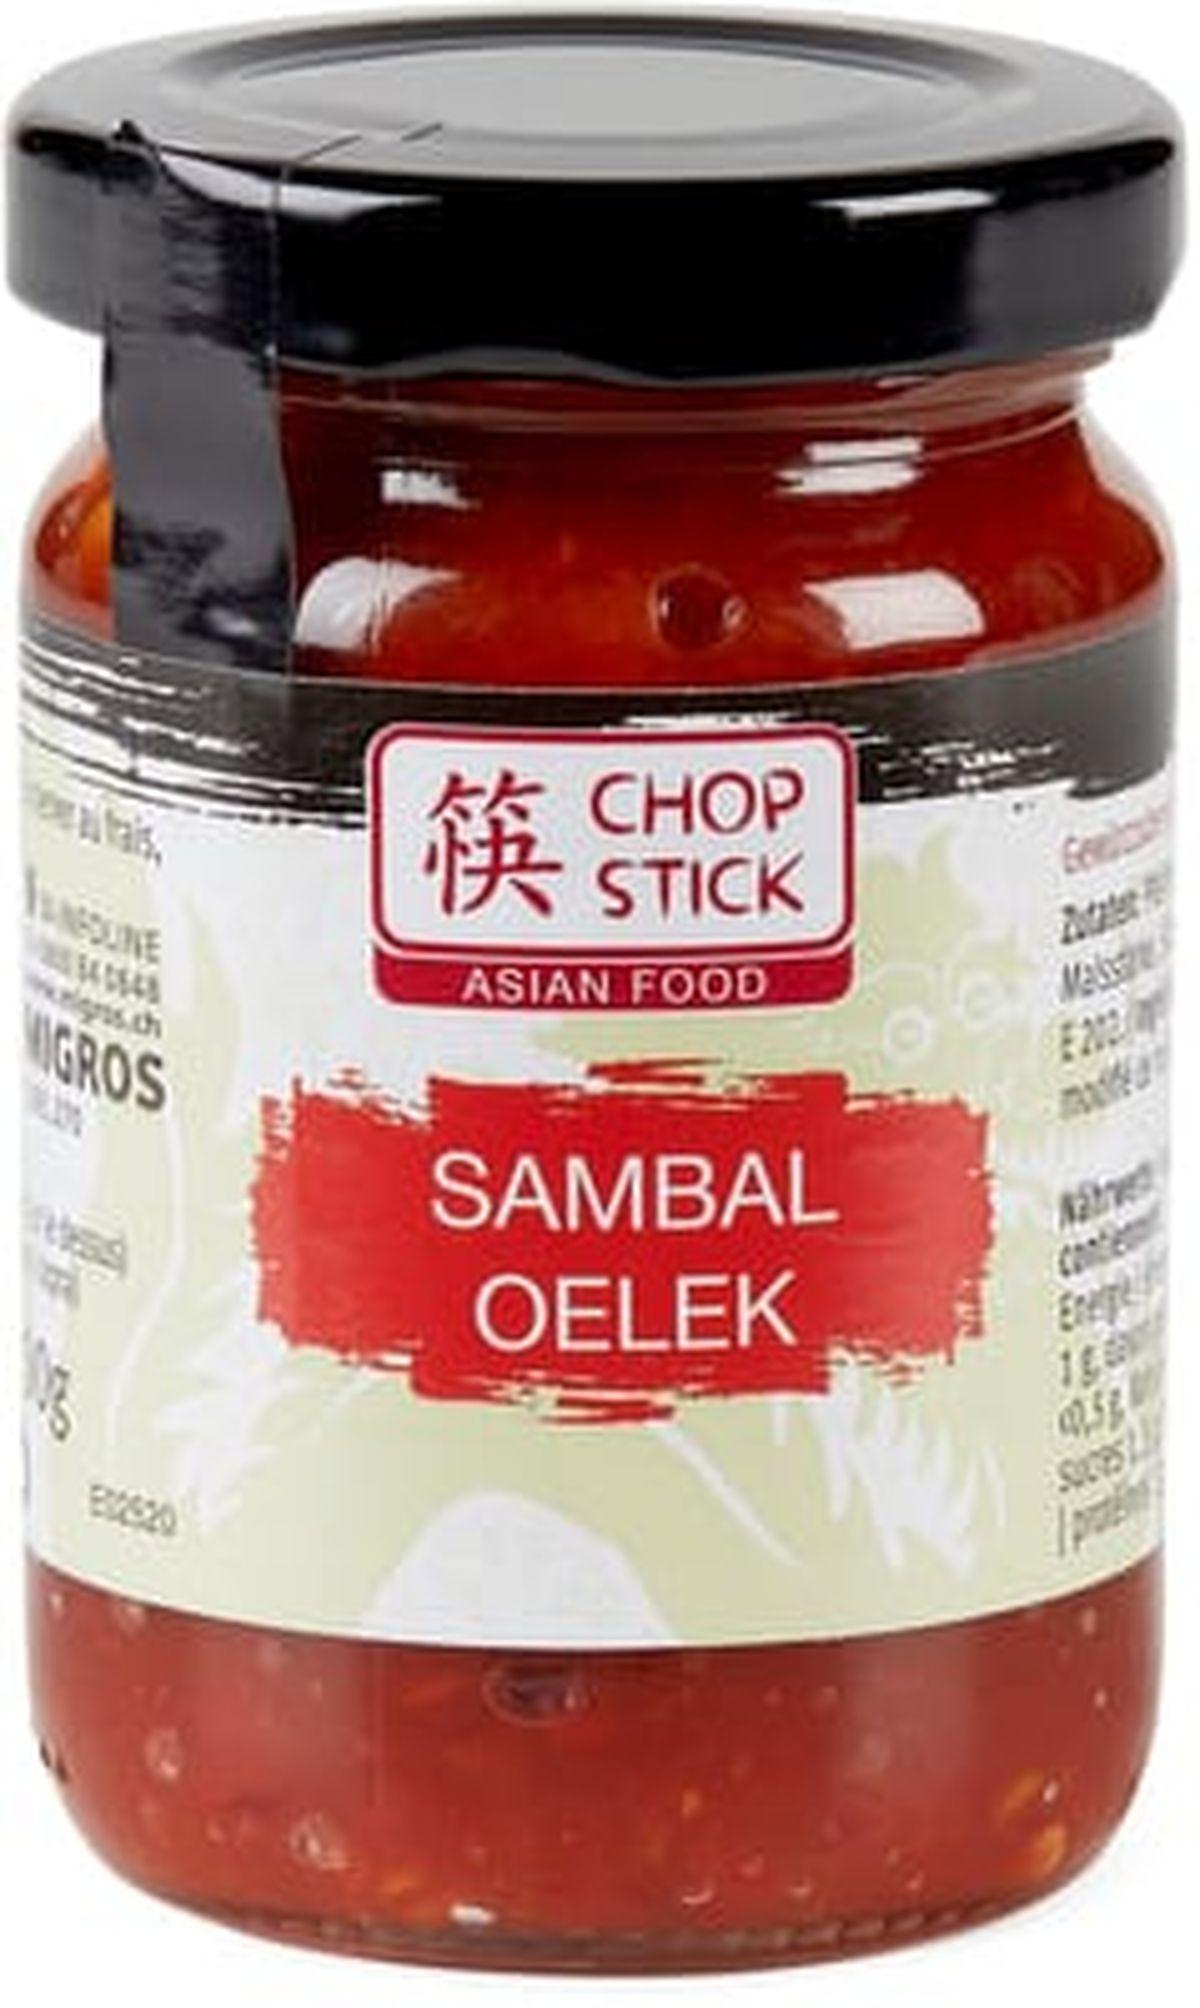 Le Sambal Oelek fait partie des sauces asiatiques pour améliorer n'importe quel plat.